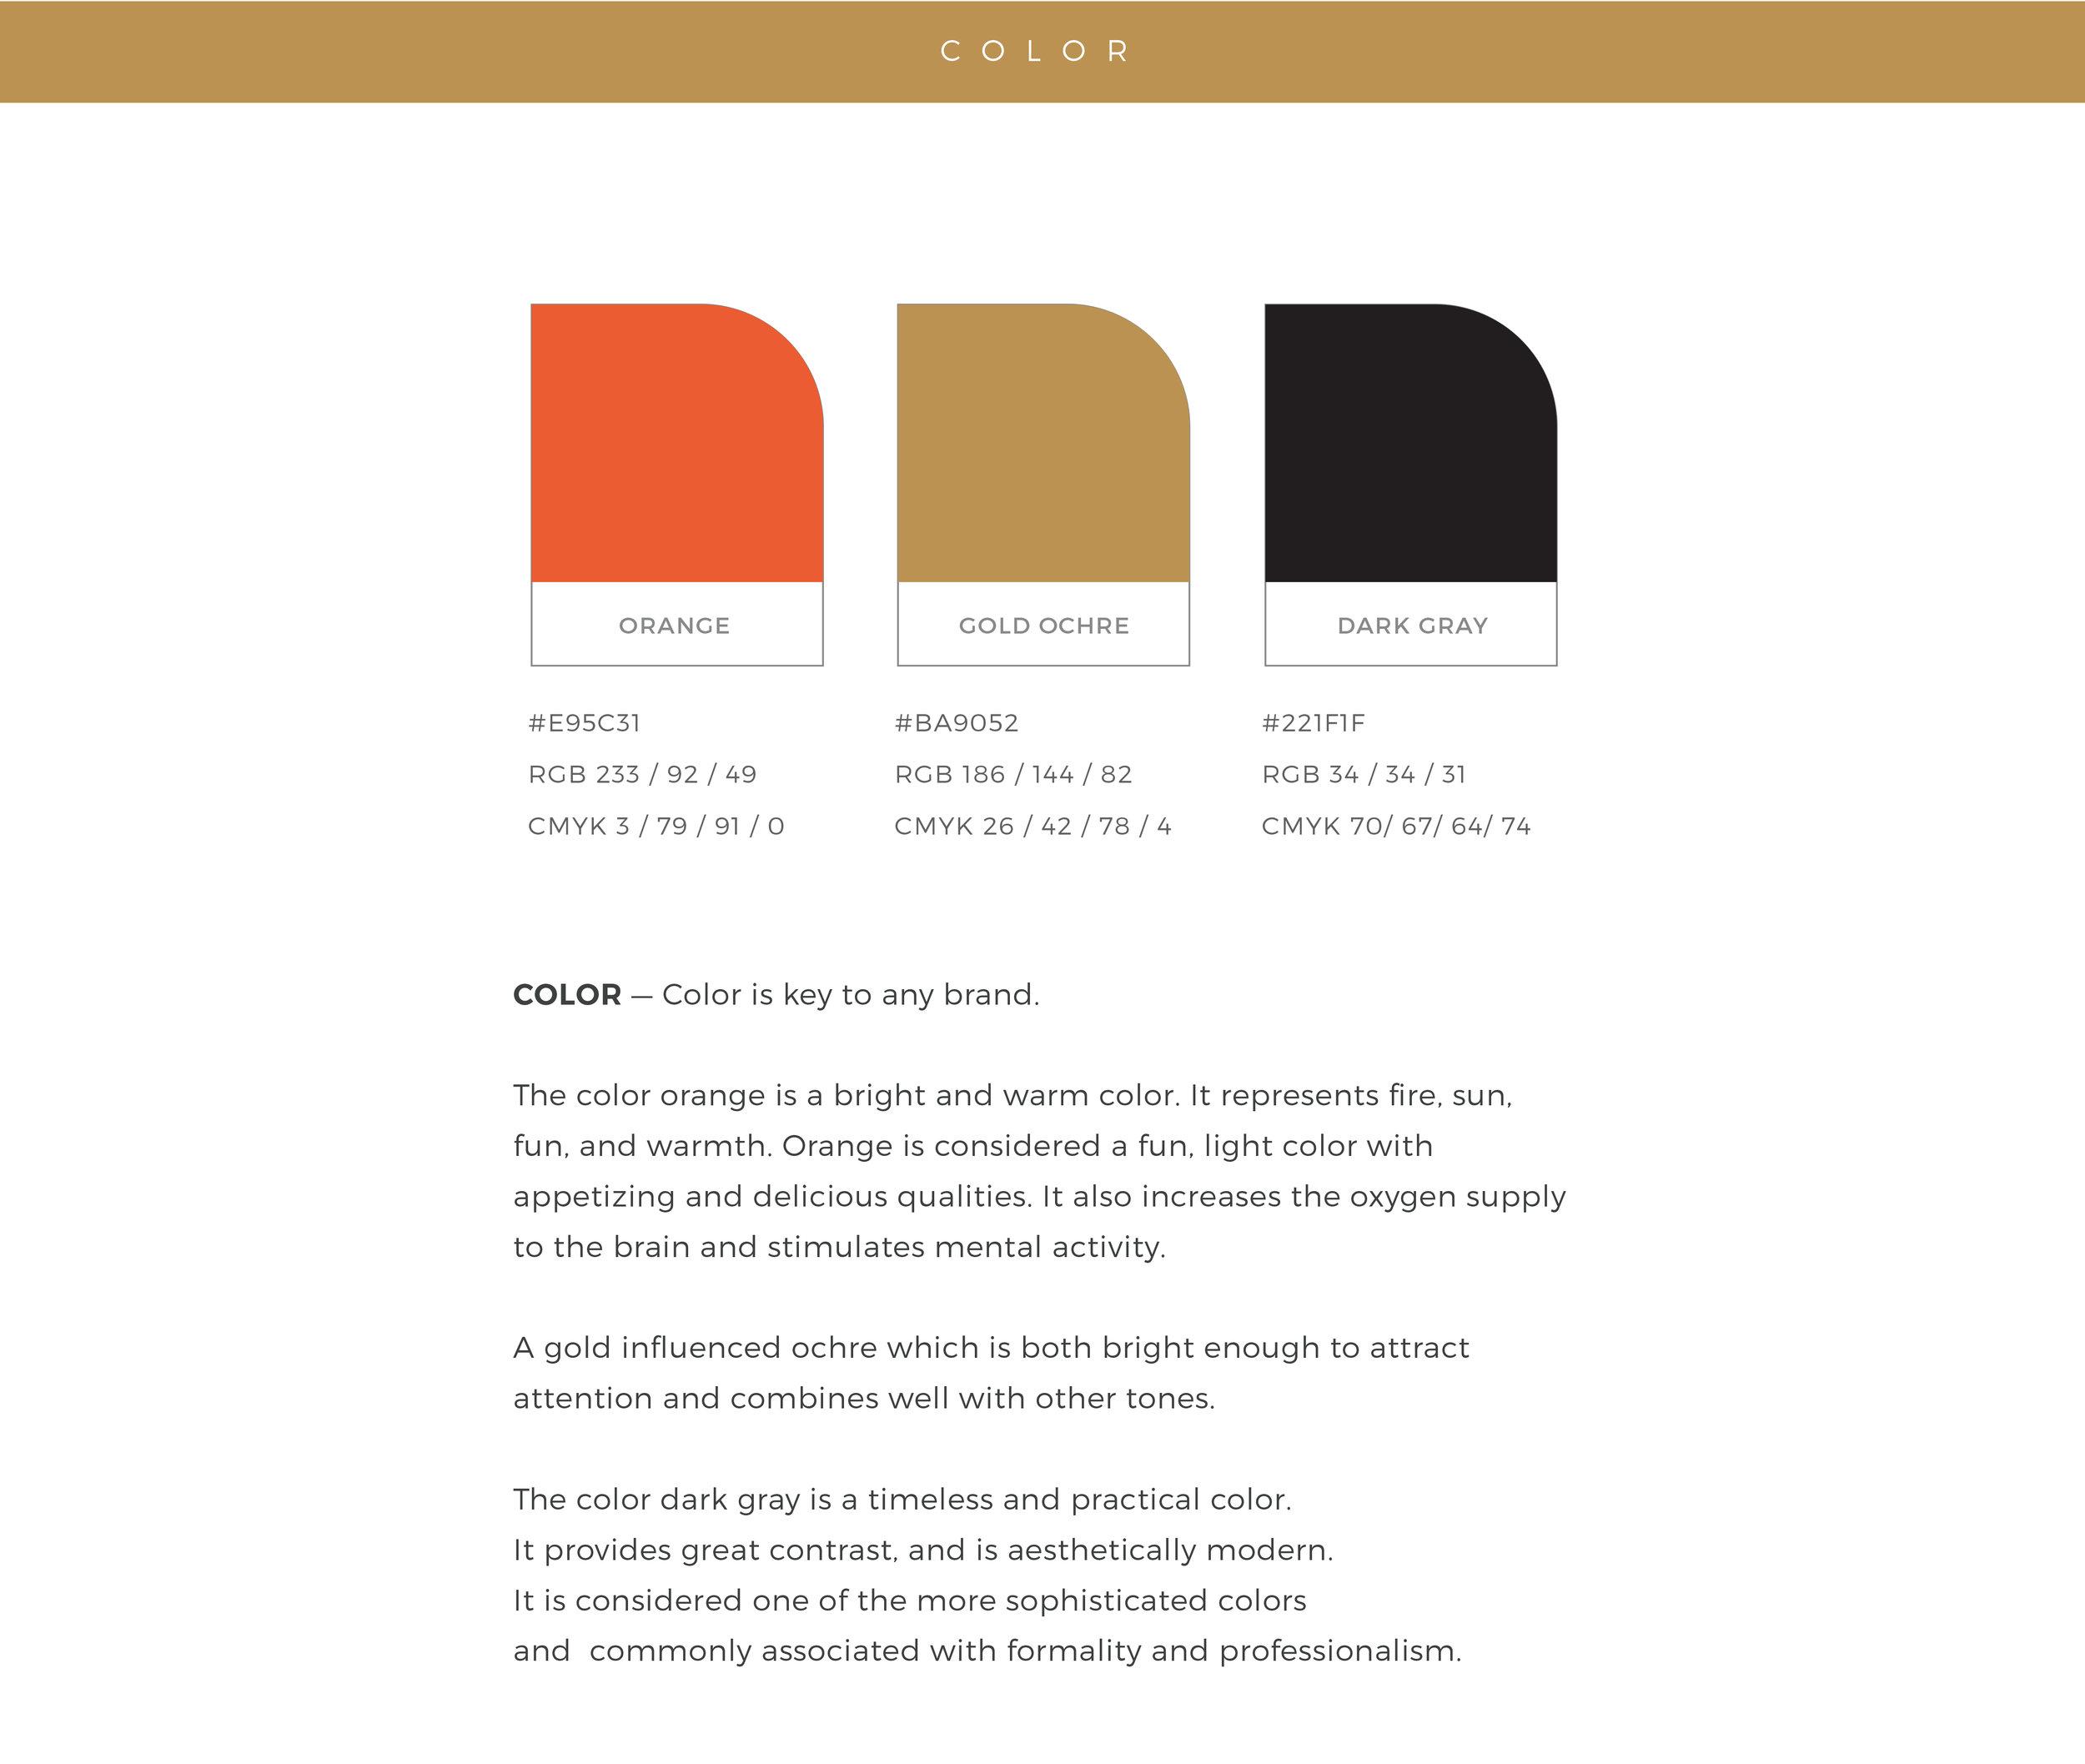 Resquip_Style_Guide_4_12_18v1-1_05.jpg